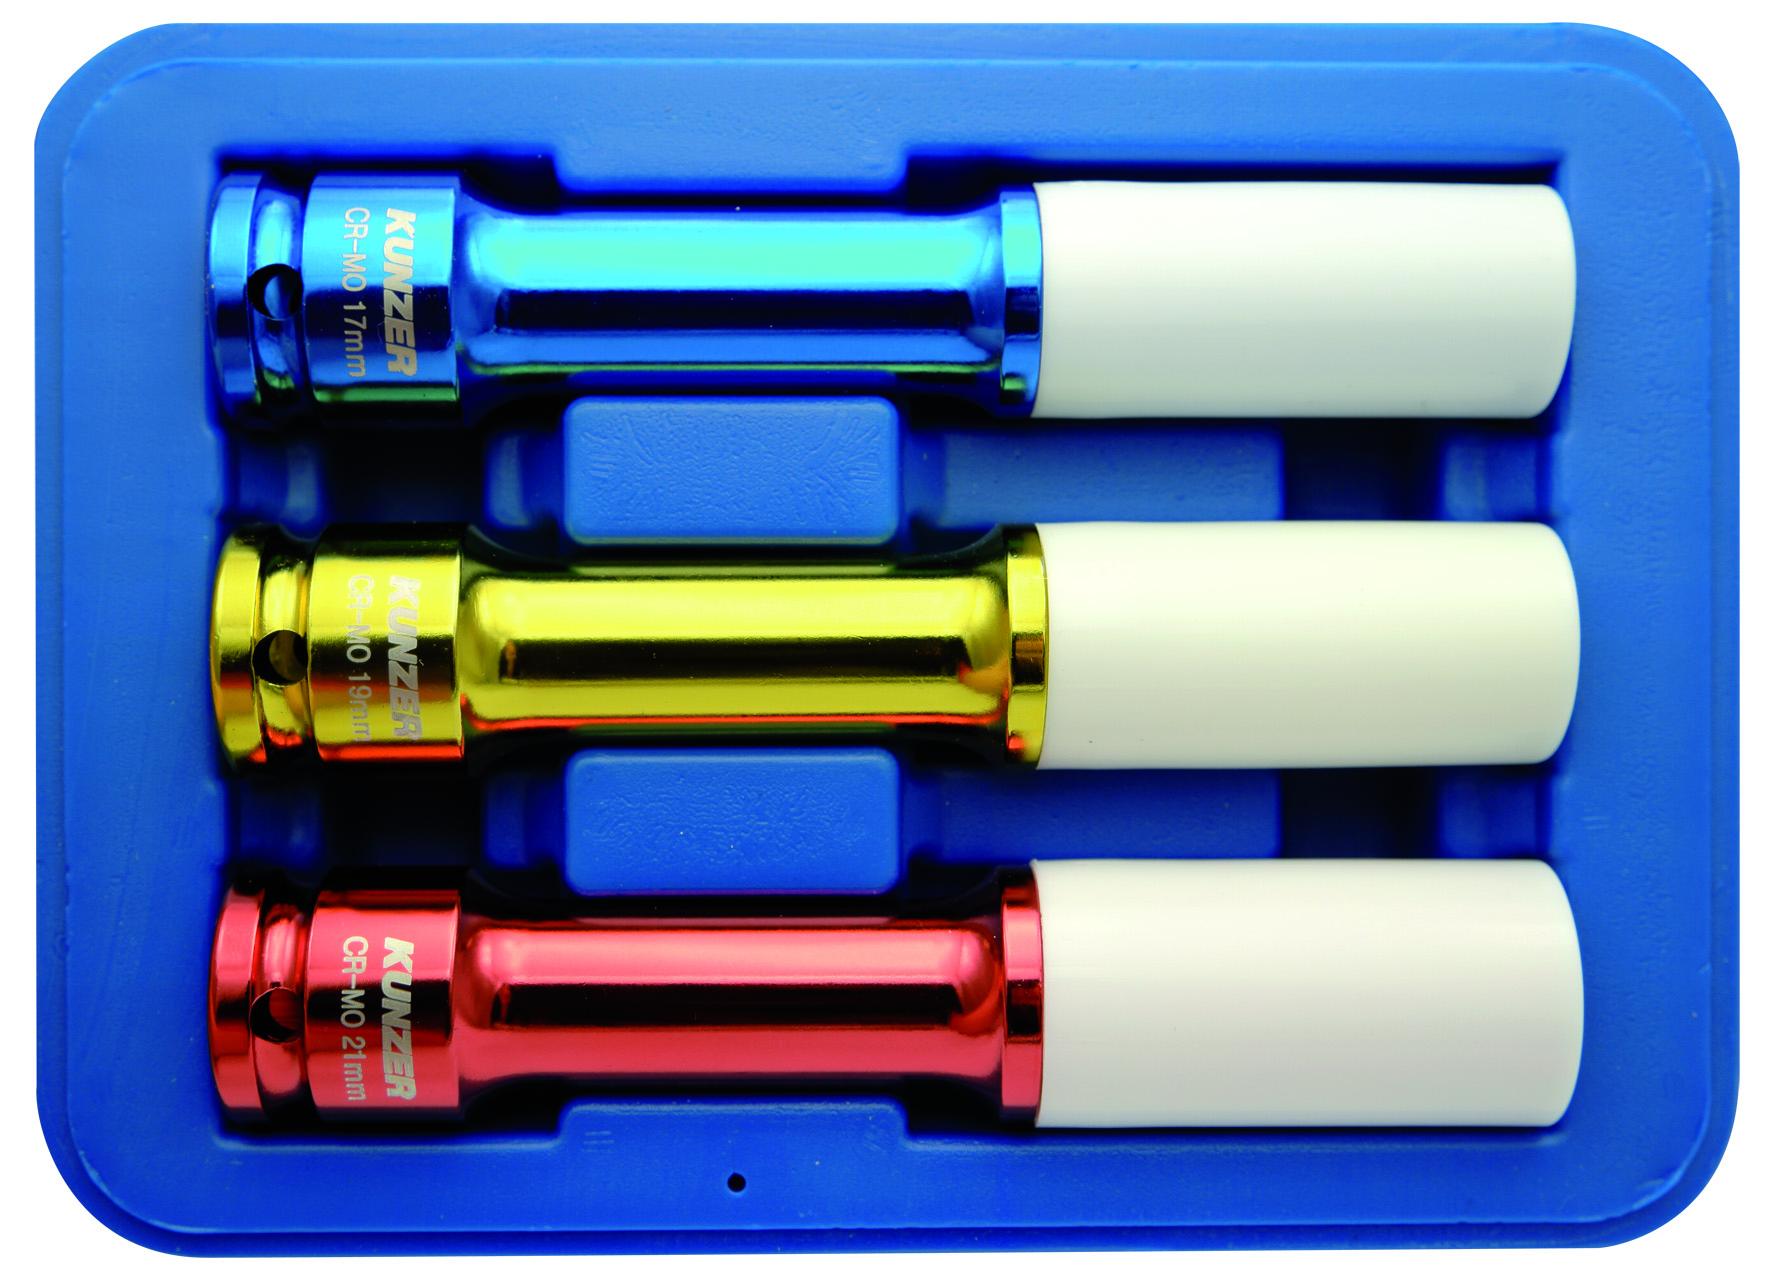 Impact-Radmutterneinsätze 1/2 Zoll Länge: 150 mm, 3-teilig - 17, 19, 21 mm